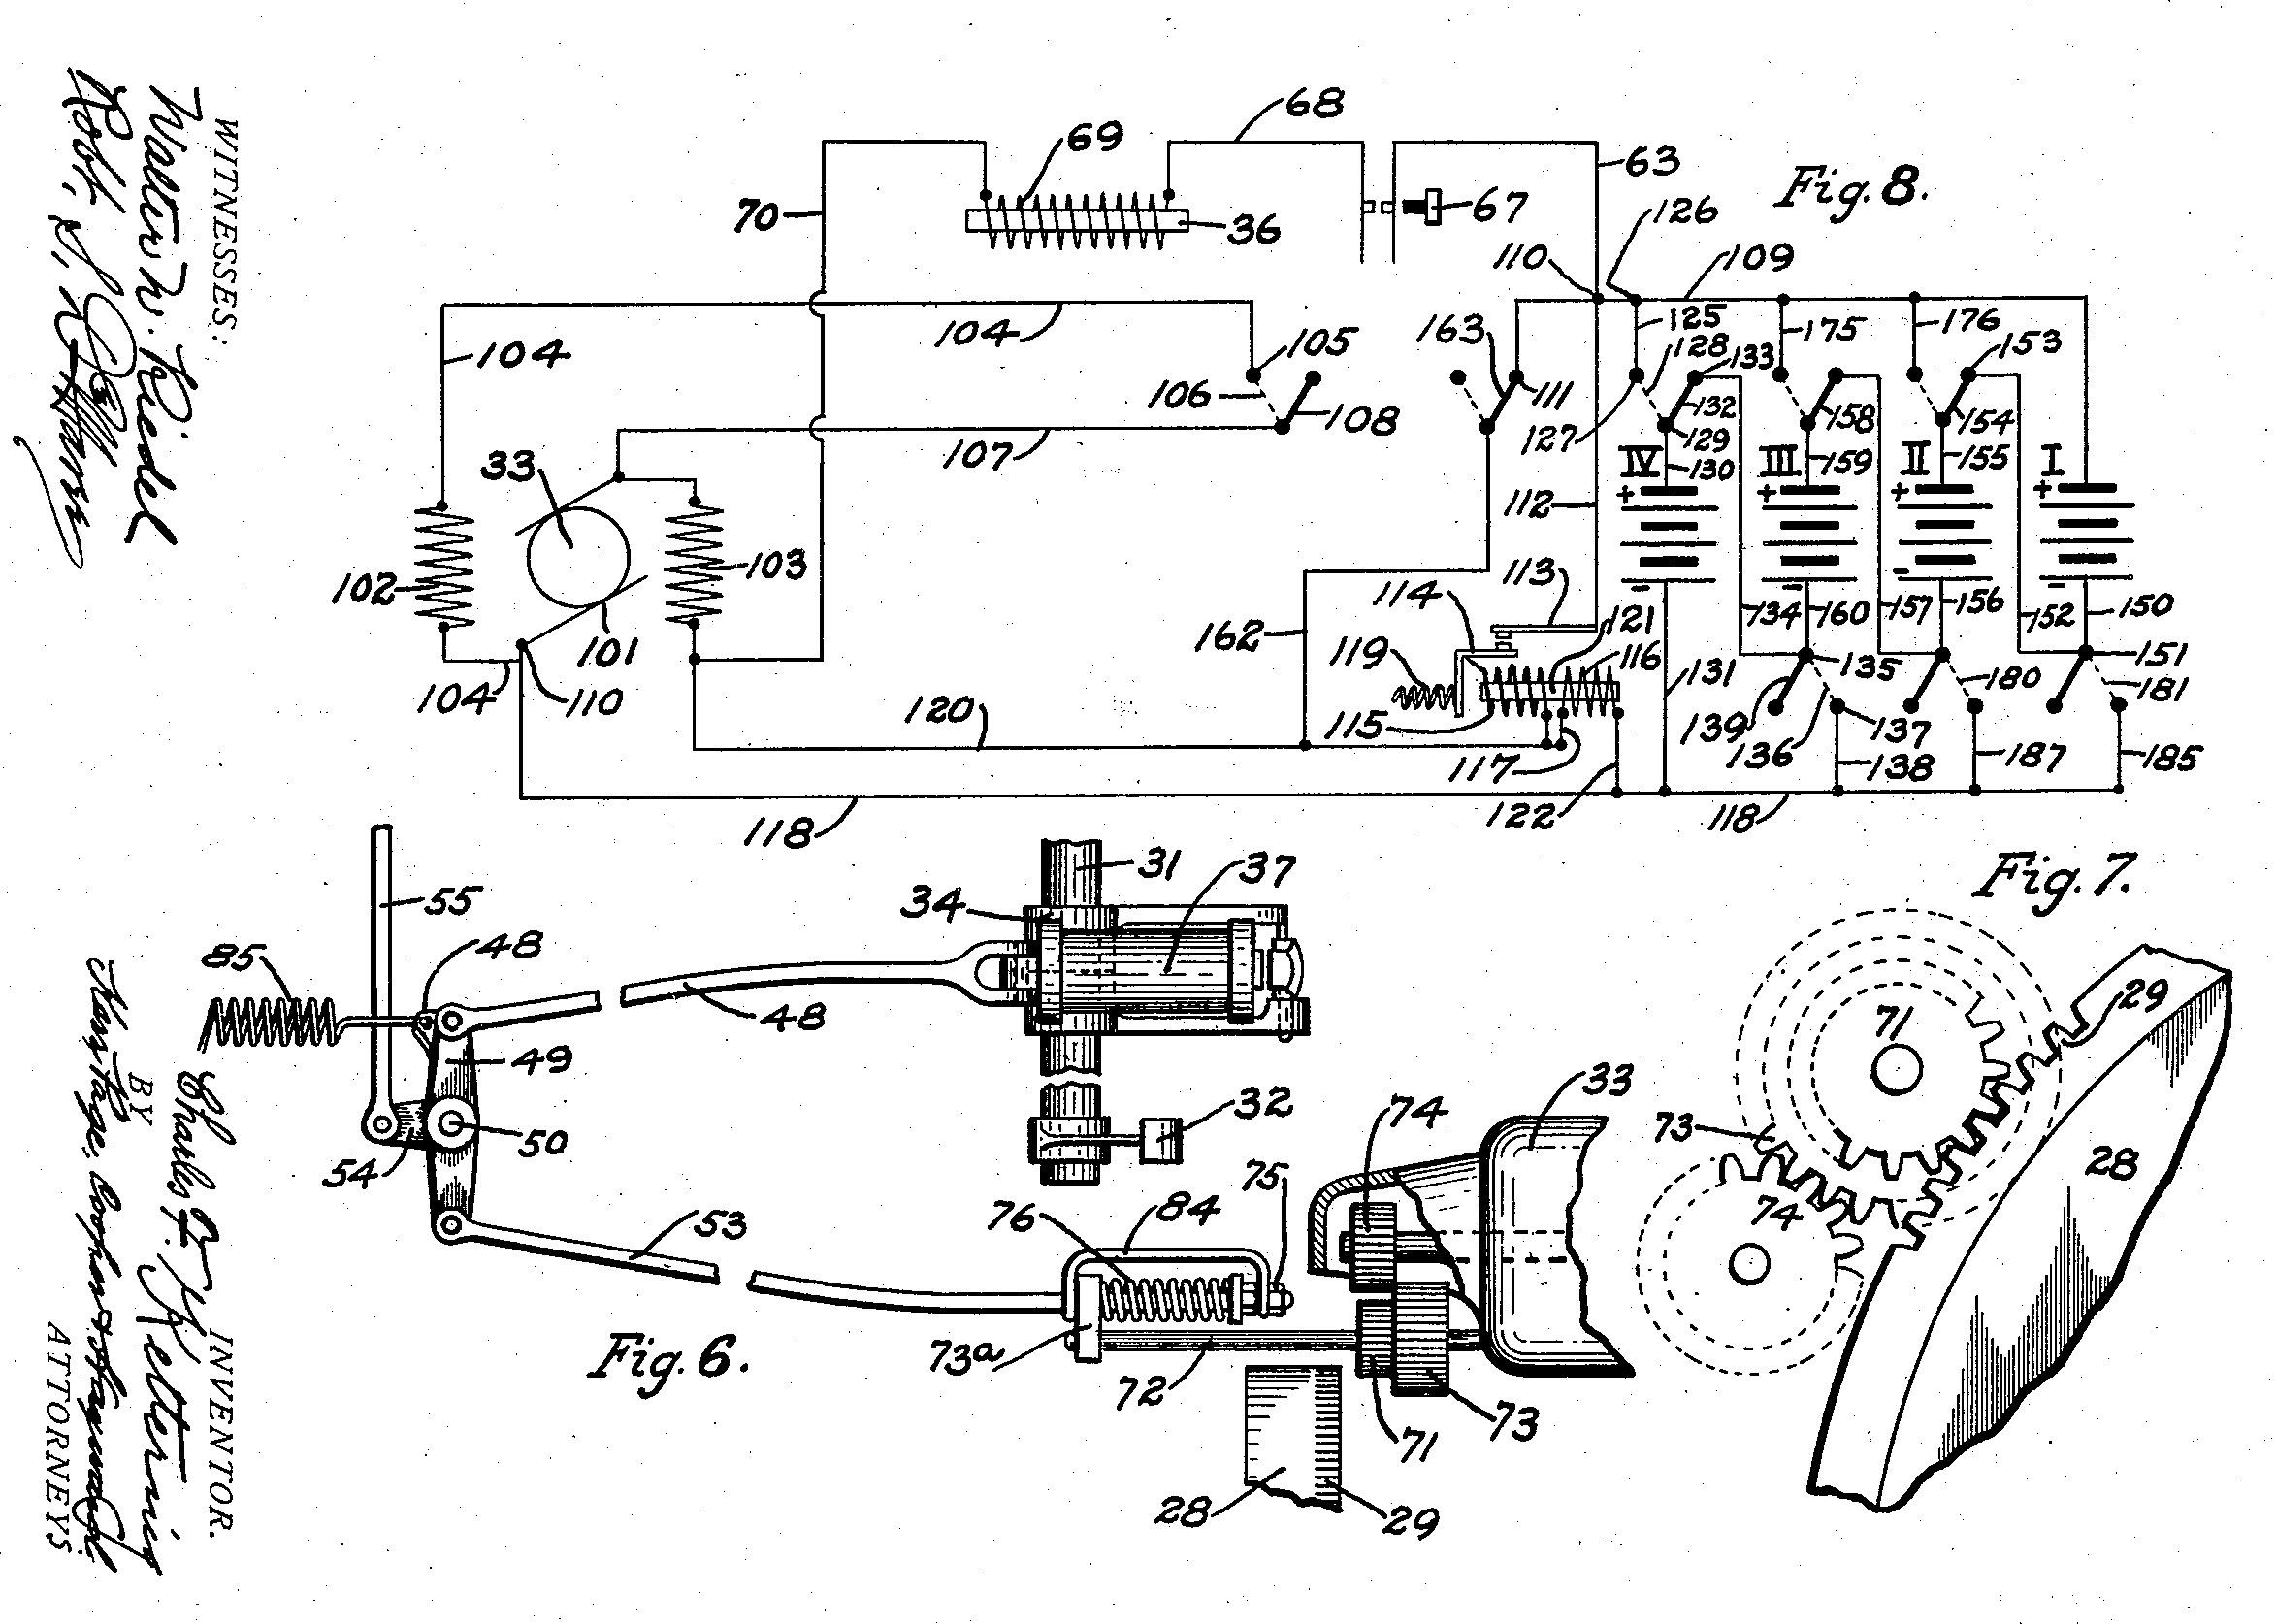 flow bmw 323 engine compartment diagram